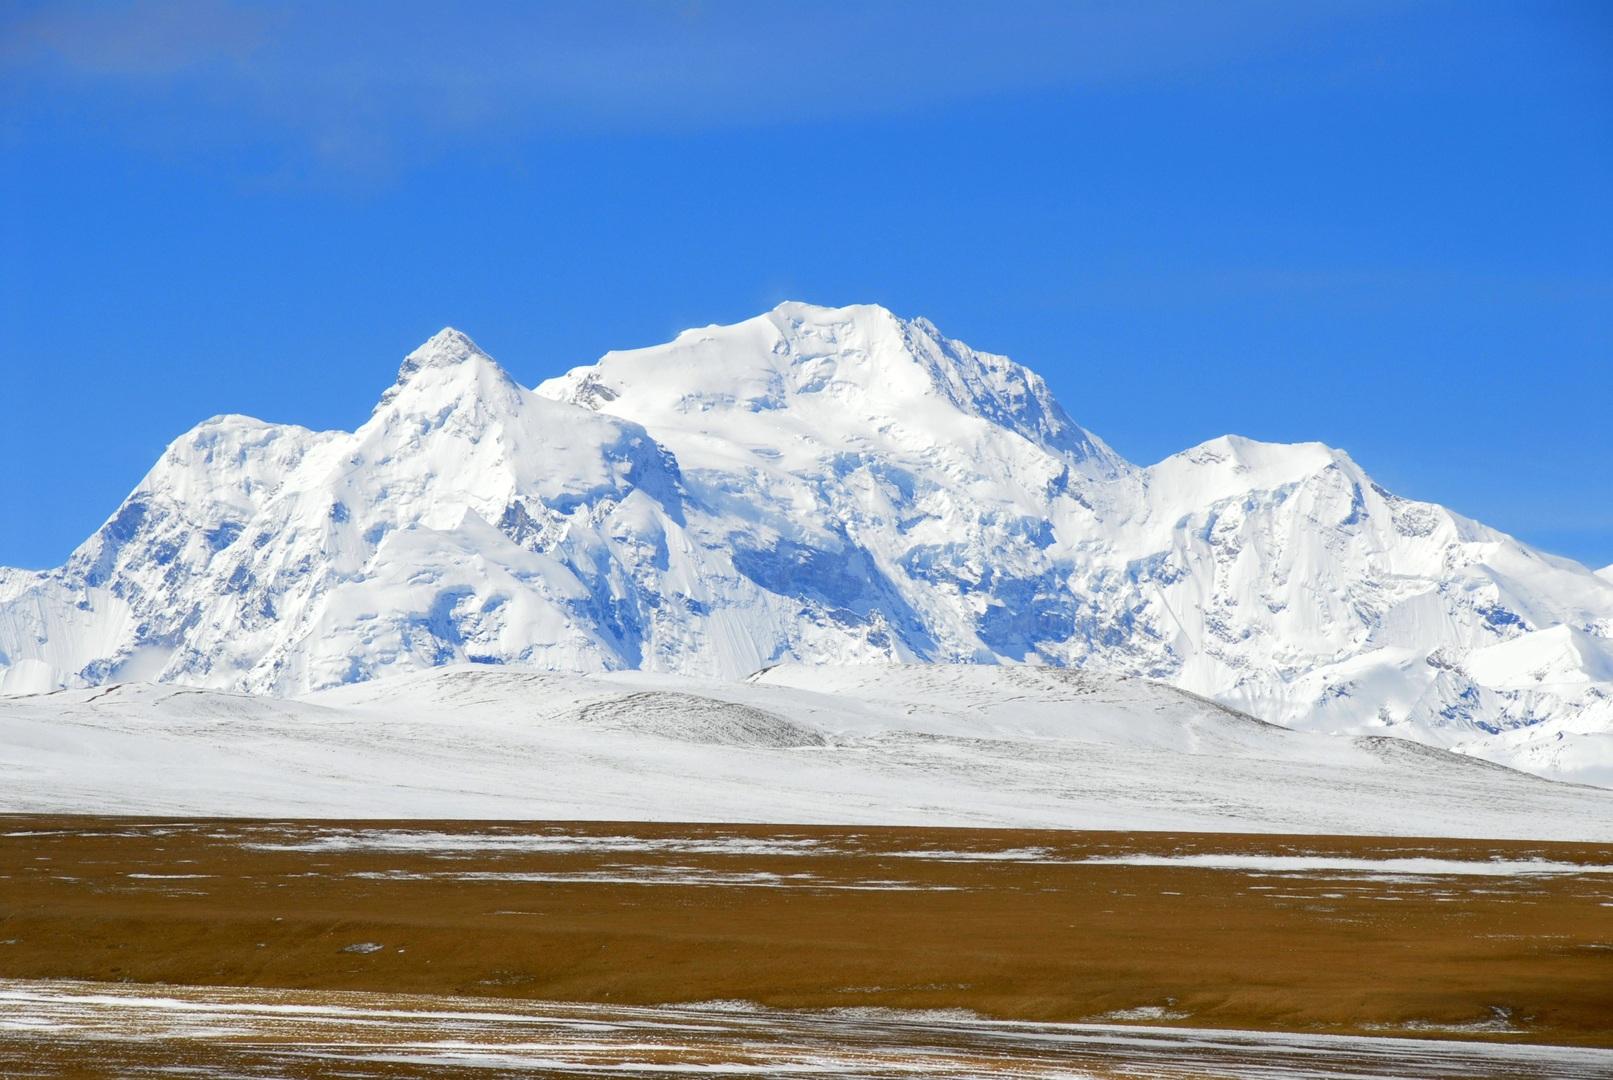 اكتشاف فيروسات عمرها 15 ألف سنة في جليد التبت